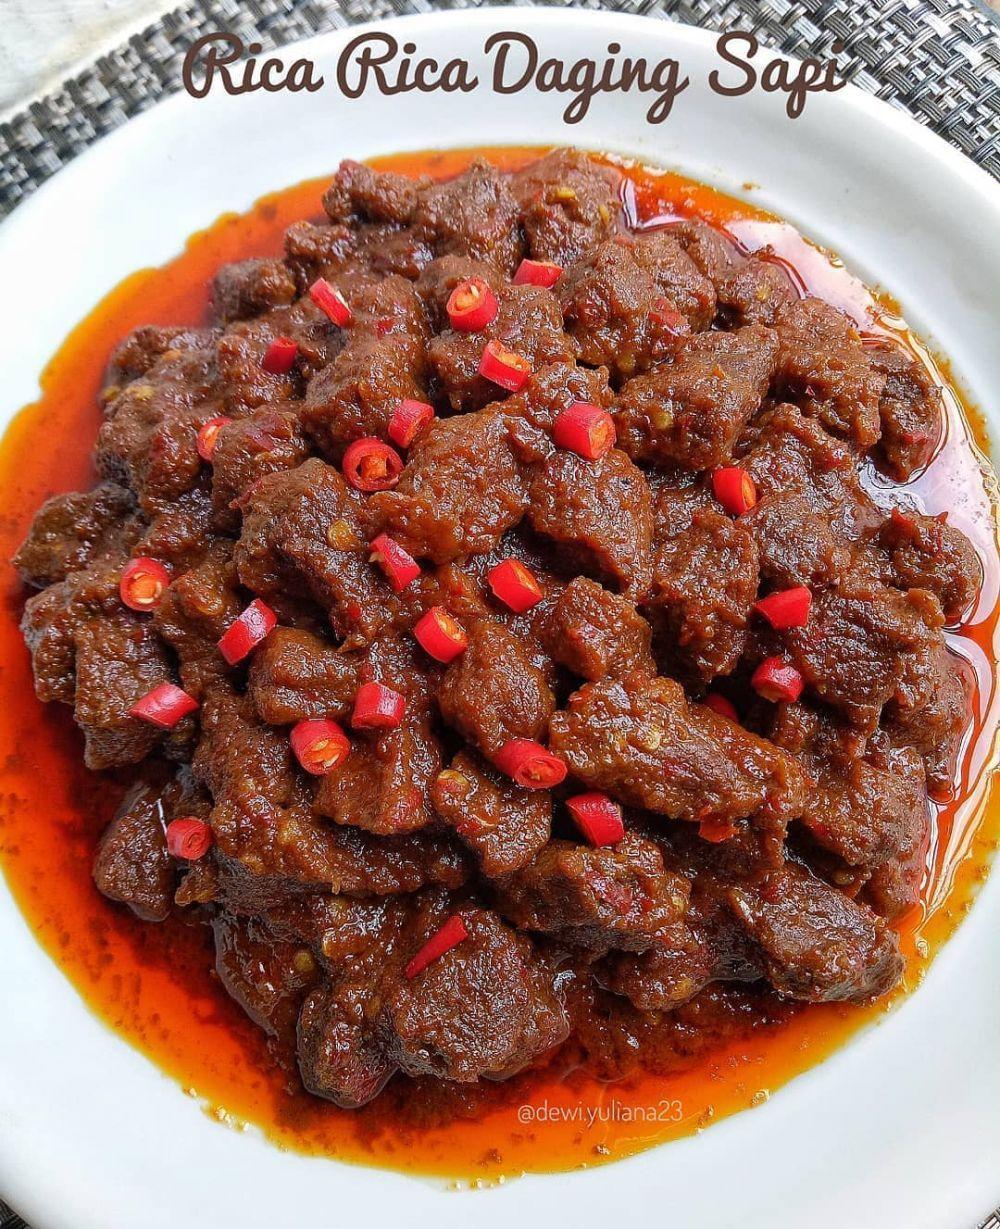 18 Resep Masakan Daging Sapi Enak Sederhana Mudah Dibuat Instagram Resepdaging Resep Idemasak Id Di 2020 Resep Masakan Daging Sapi Resep